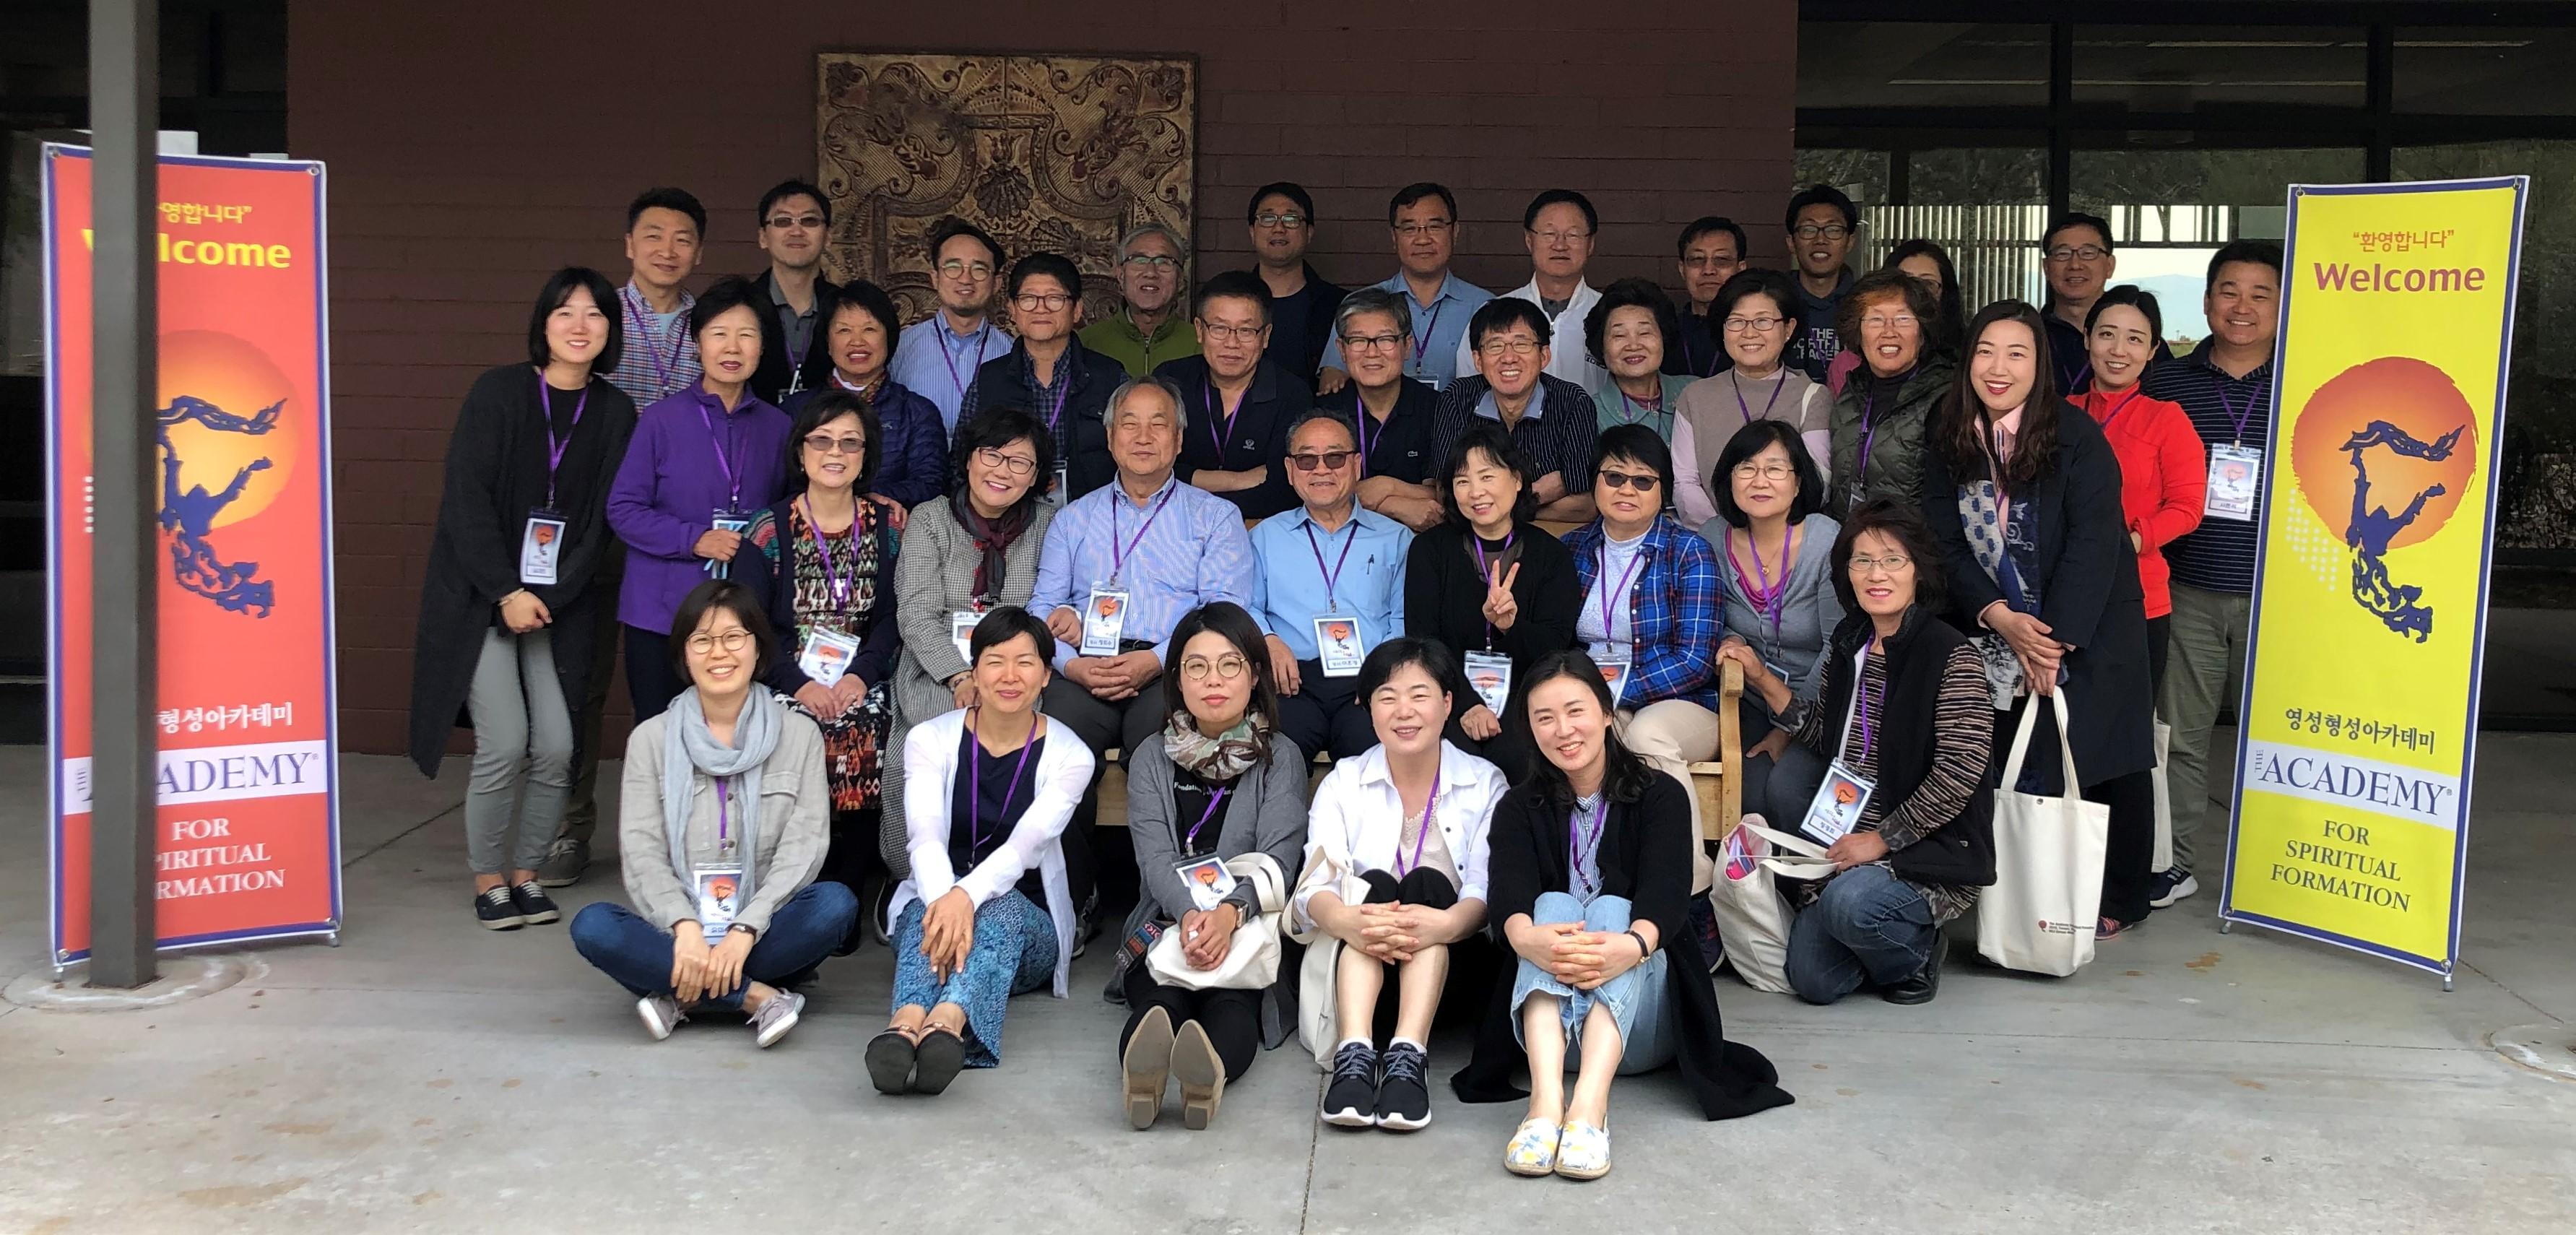 2019년 3월 18-22일 애리조나 리뎀투어리스트 수양관에서 열린 영성형성 아카데미에 참석한 사람들. 사진 김응선 목사, UMNS.